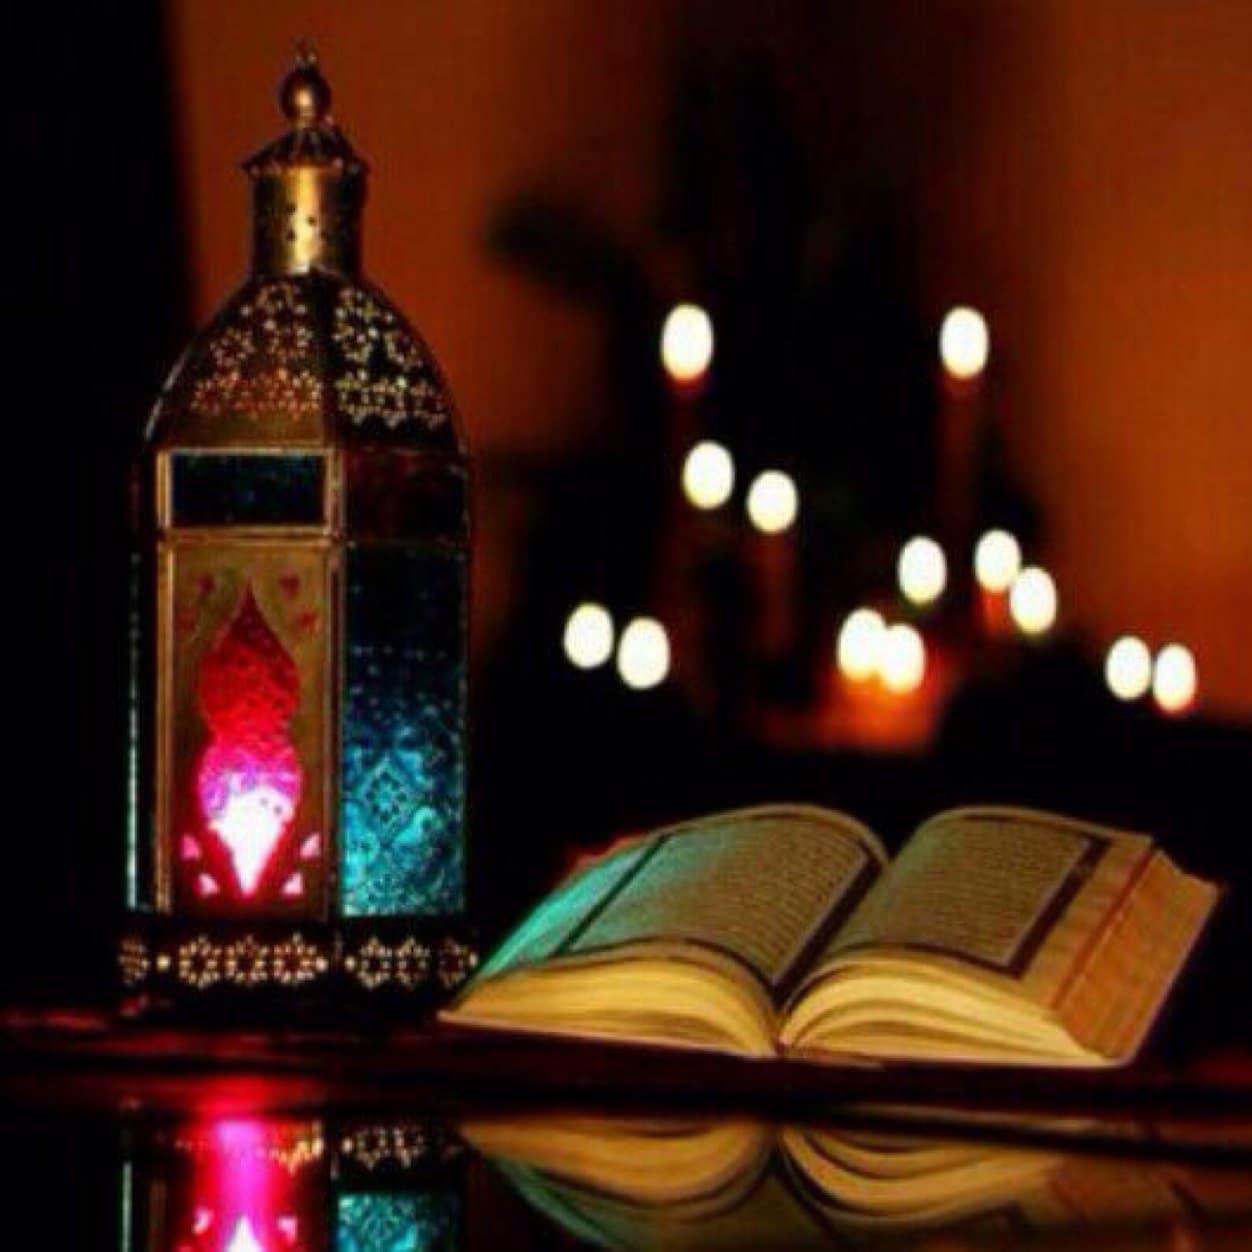 رمضان 2018 - صور فوانيس رمضان 2019, صور فوانيس رمضان خشب, صور فوانيس رمضان مكتوب عليها الإسم